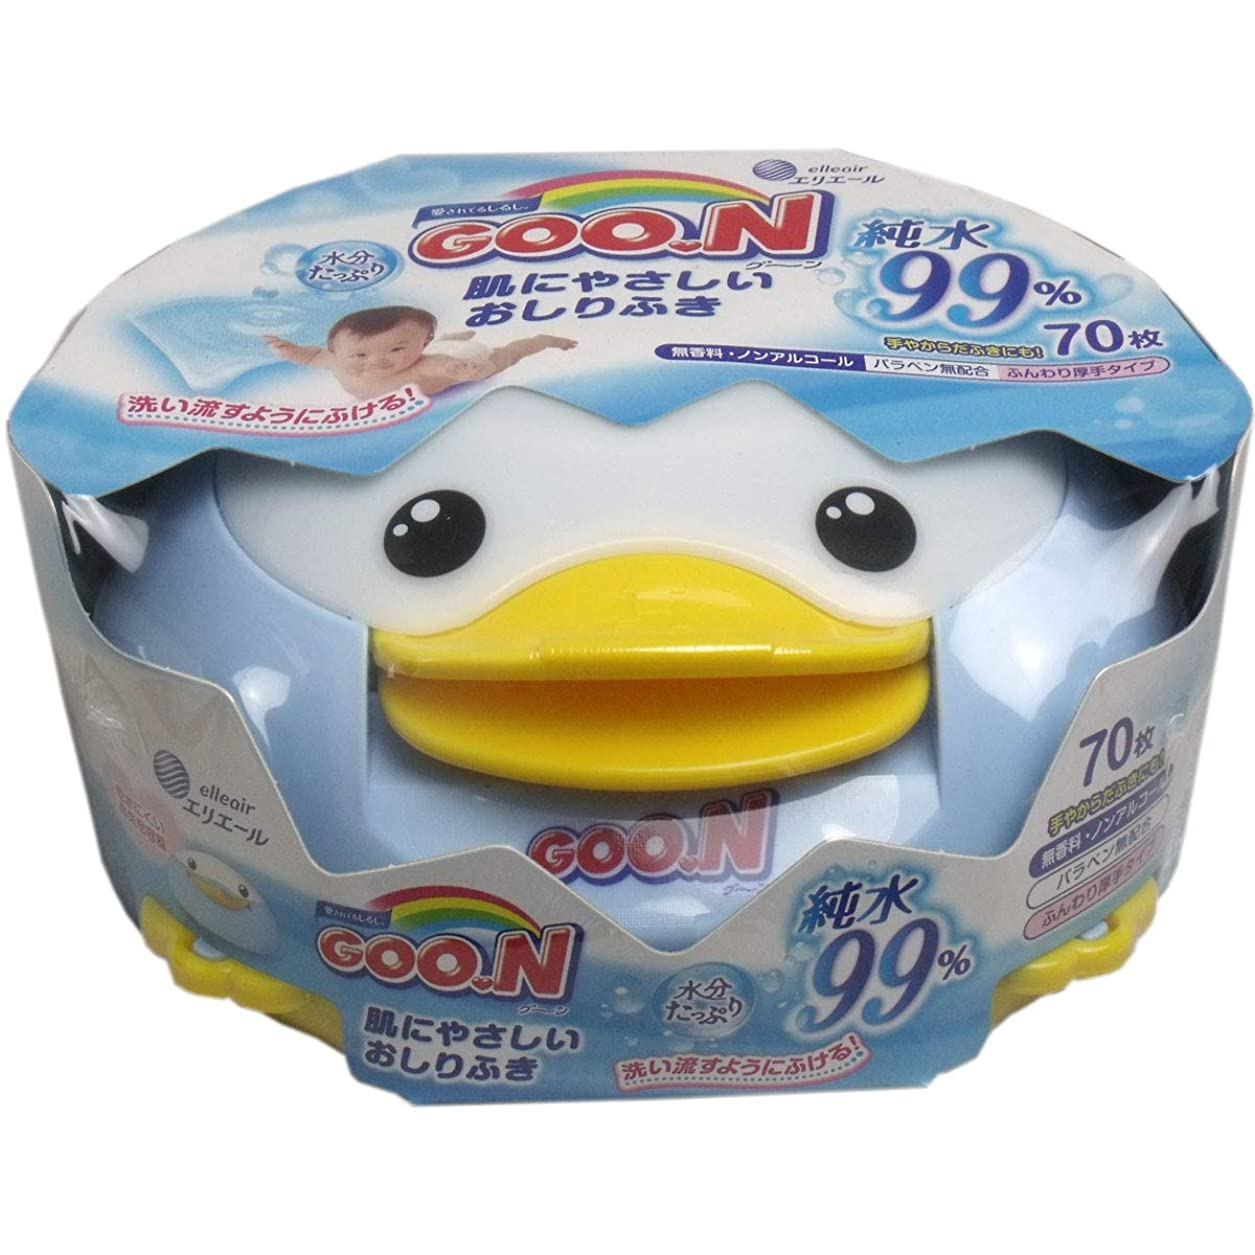 取り扱いぶどう無臭ムーニー おしりふき トイレに流せるタイプ 詰替用50枚×3個